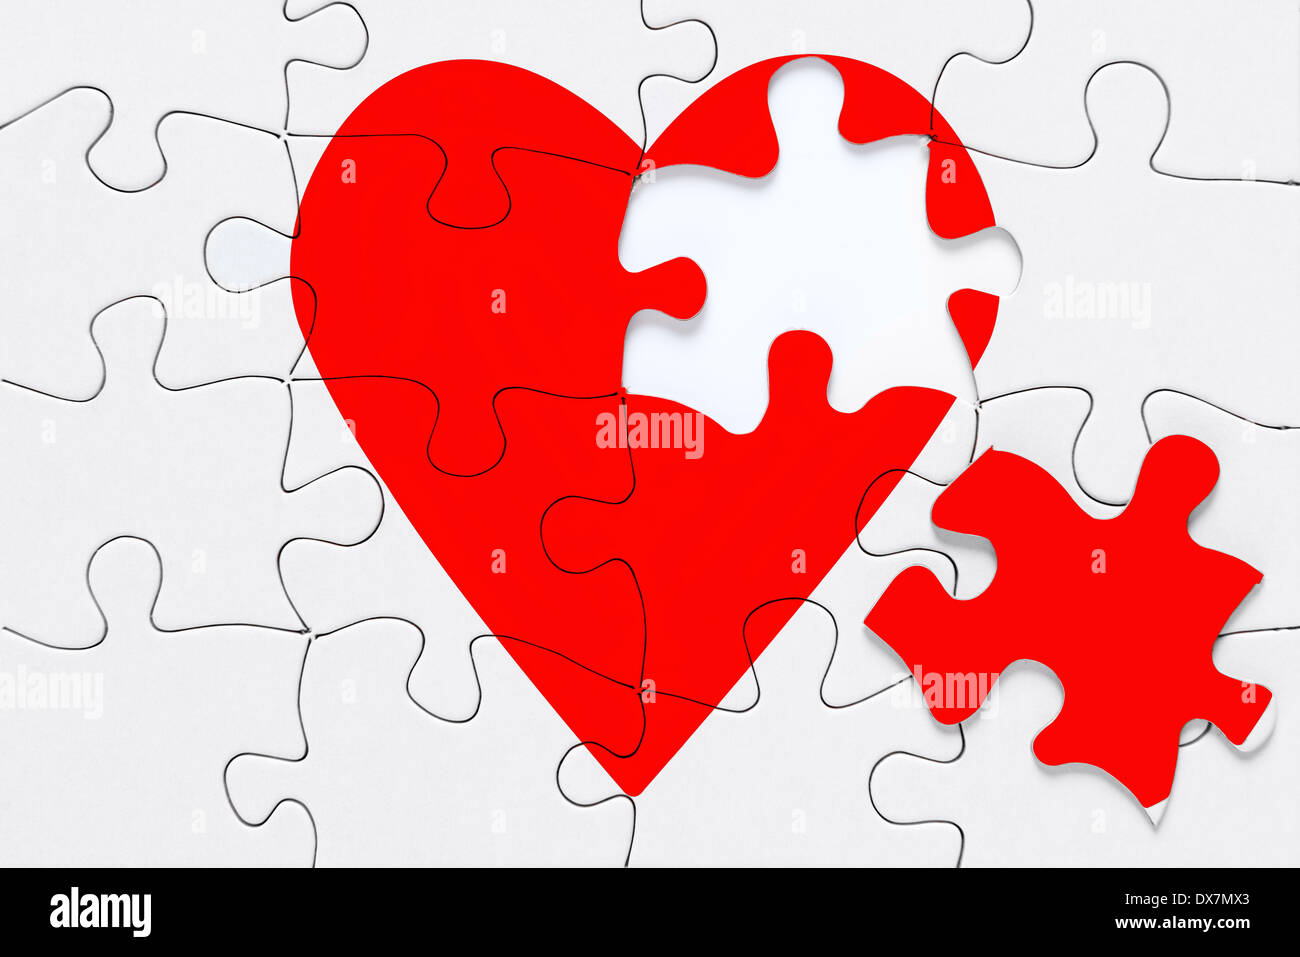 Ein rotes Herz Puzzle puzzle mit einem Stück auf der Seite, gutes Bild für ein gebrochenes Herz, Liebe, Romantik und Valentinstag Themen. Stockbild